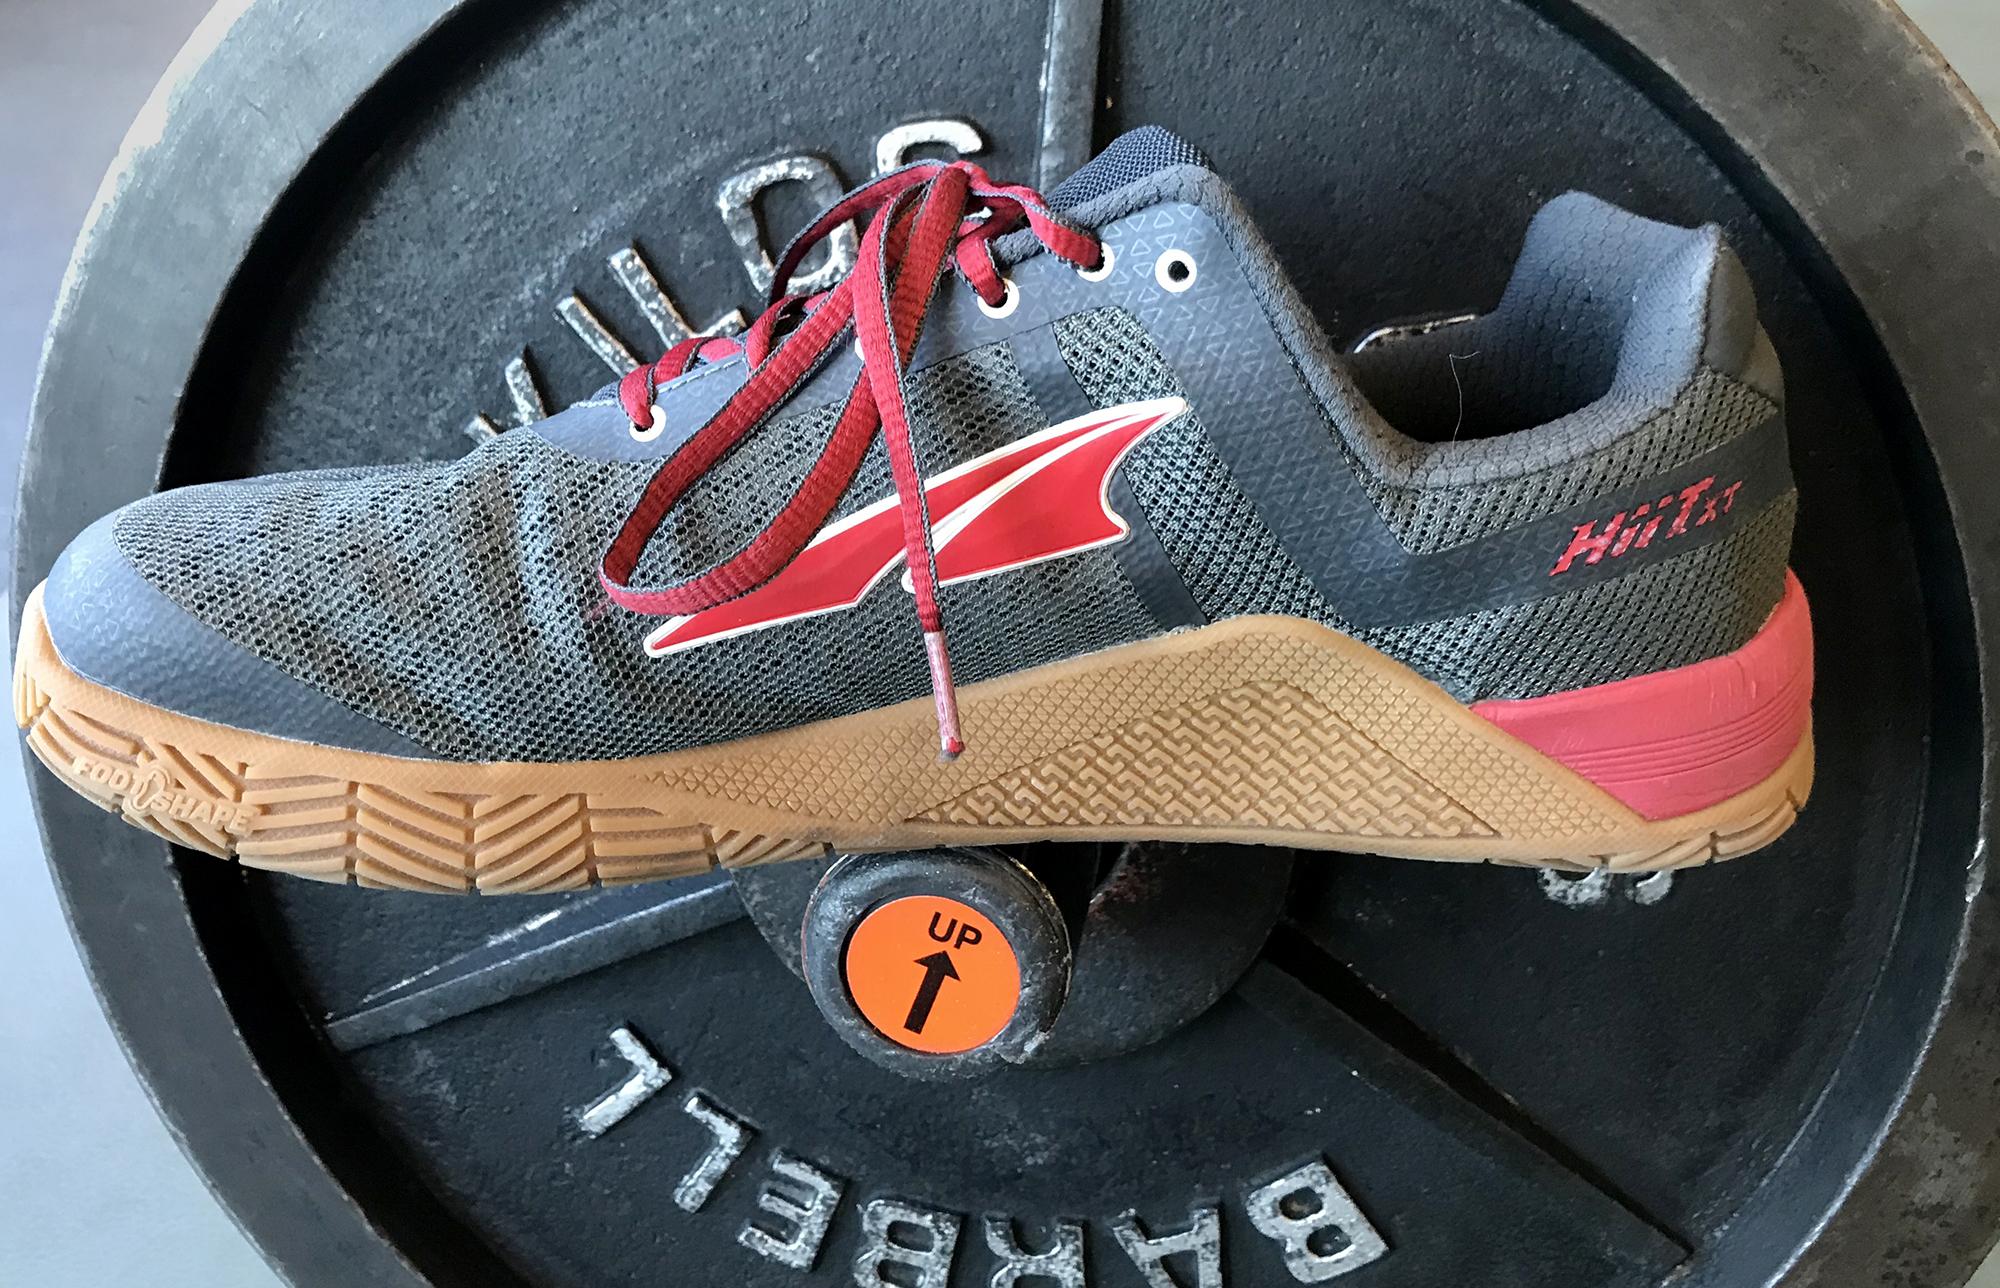 Tough Shoe For Tough Workouts Altra Hiit Xt Review